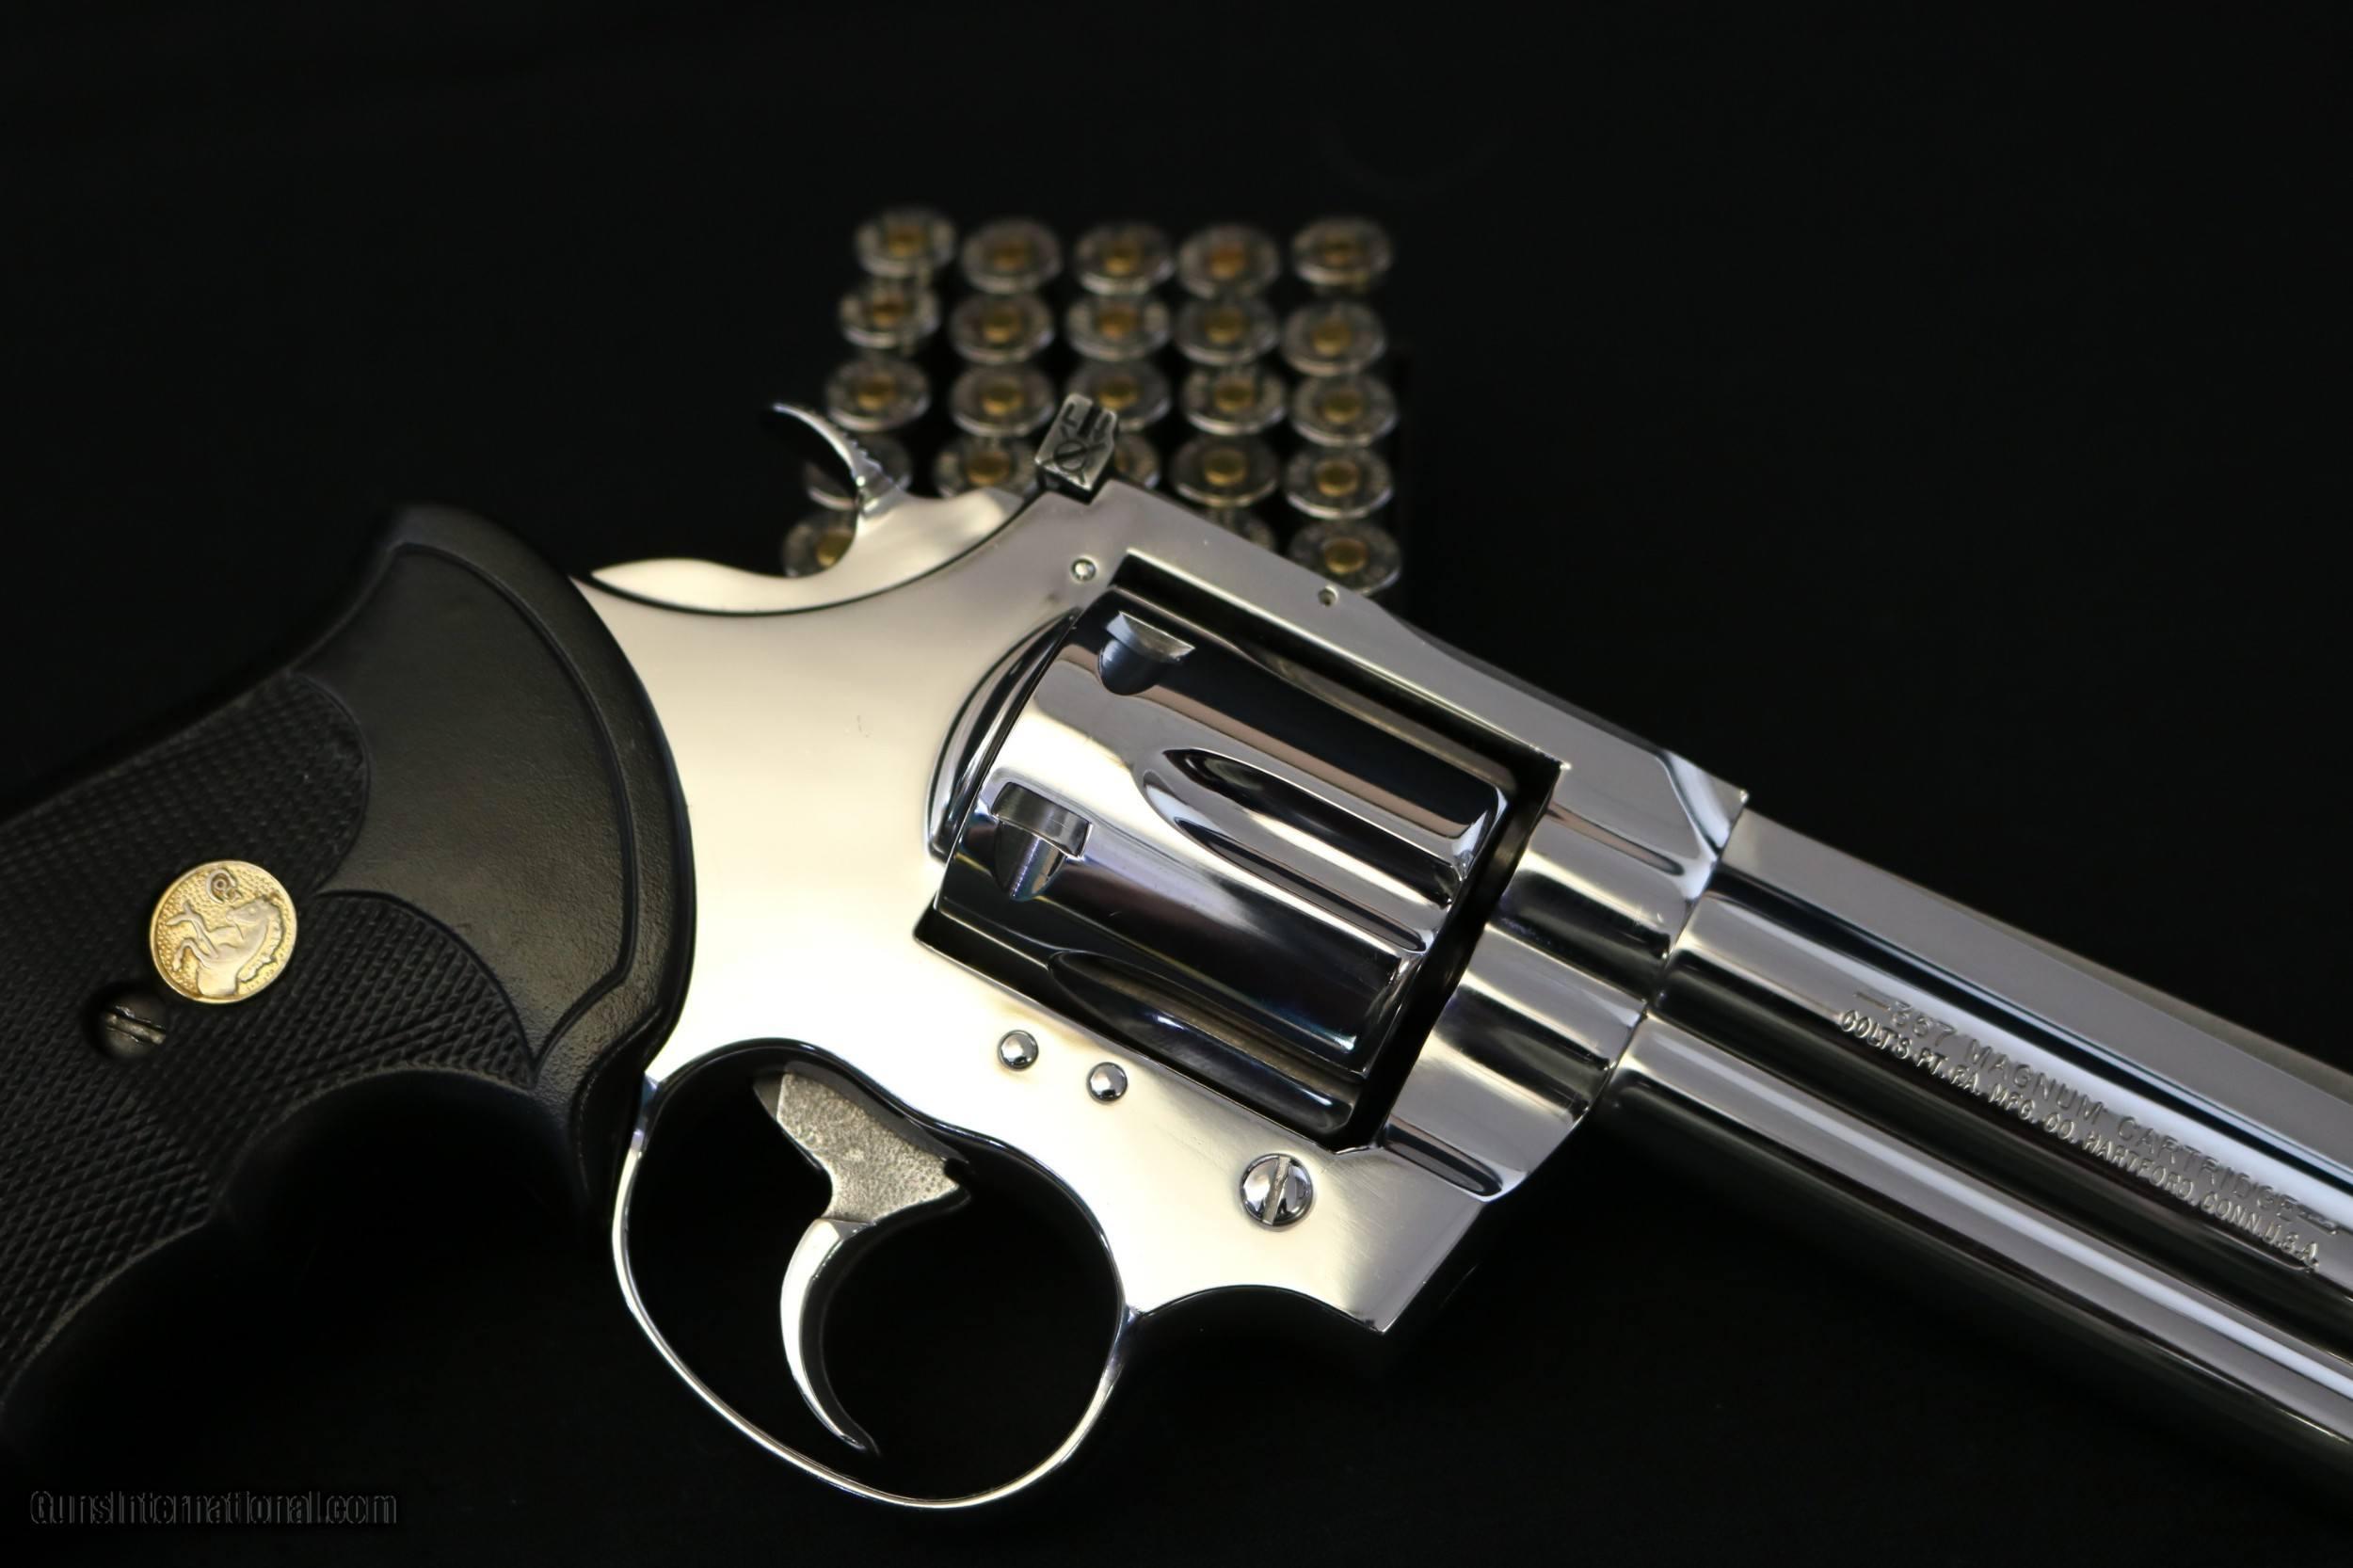 Sale Pending Layaway)1989 Colt King Cobra BSTS 357 Magnum 4 inch